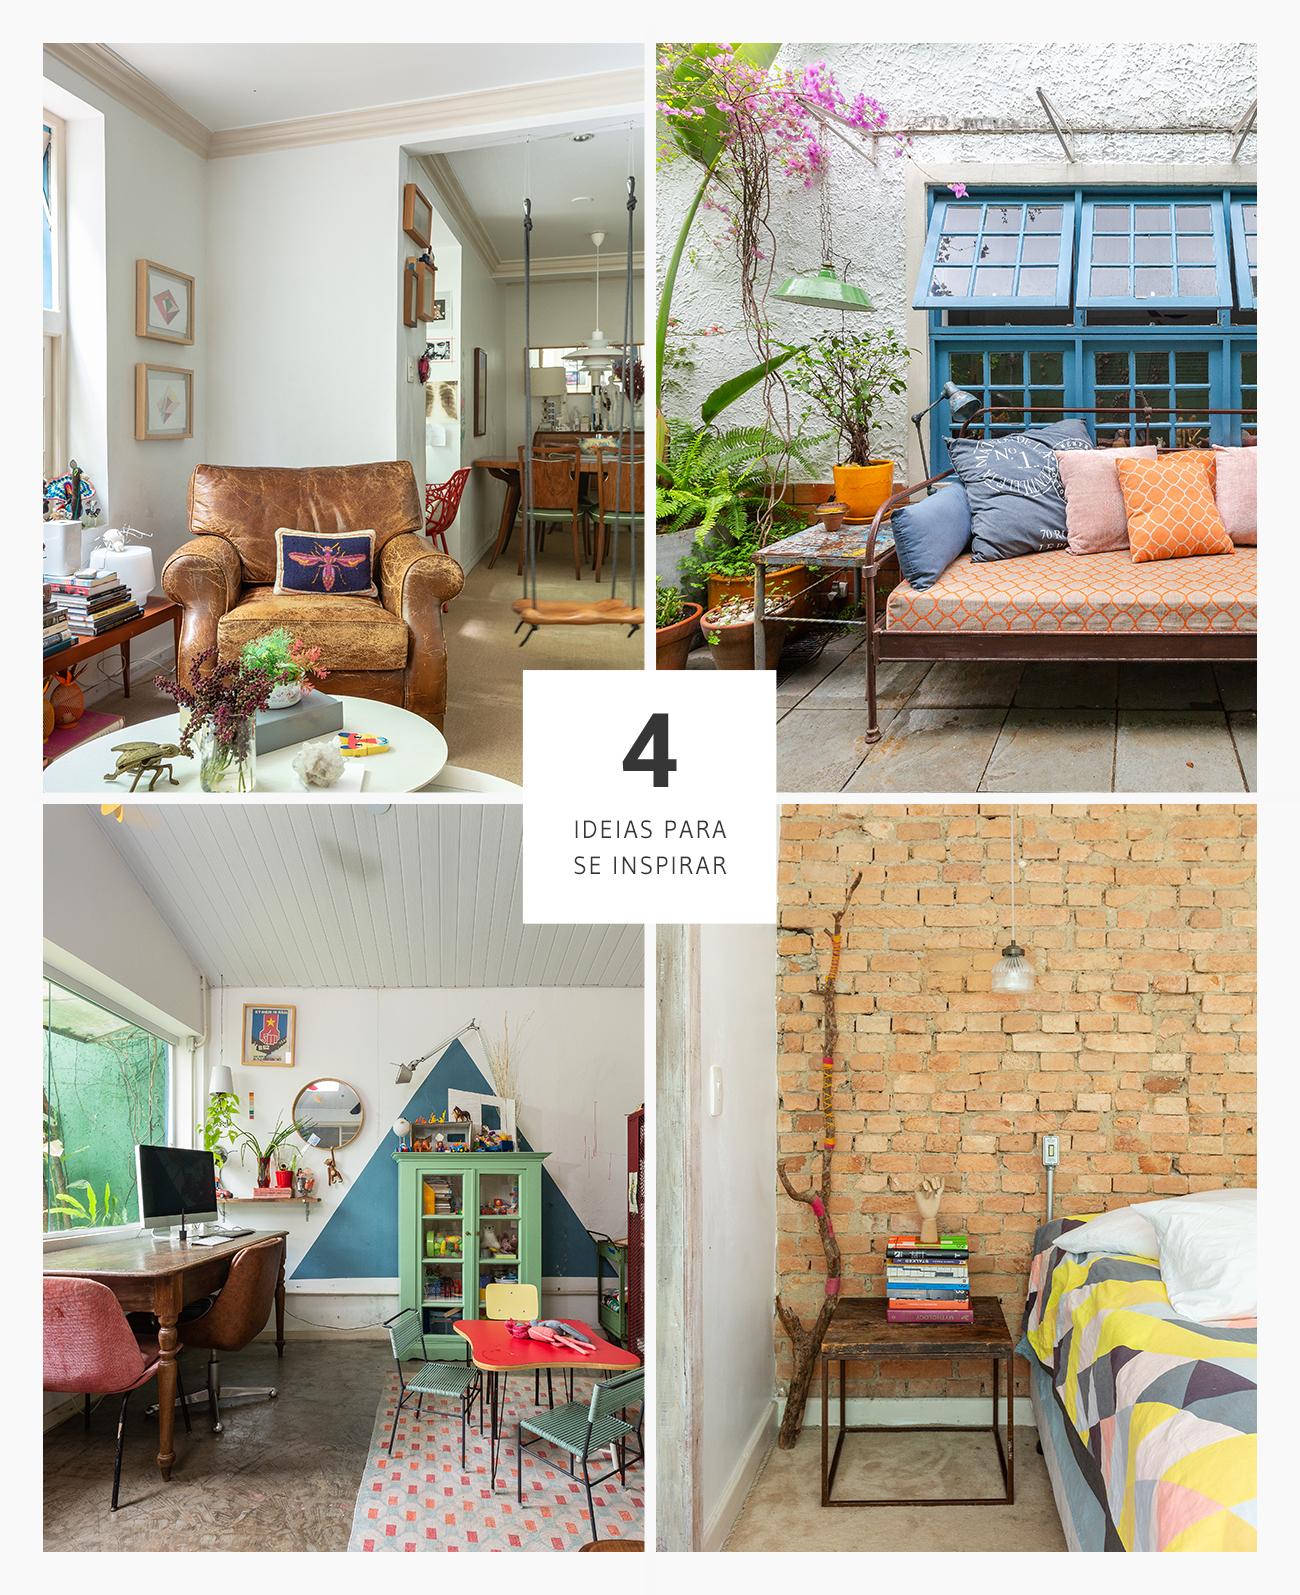 4 boas ideias de decoração em casa com jardim